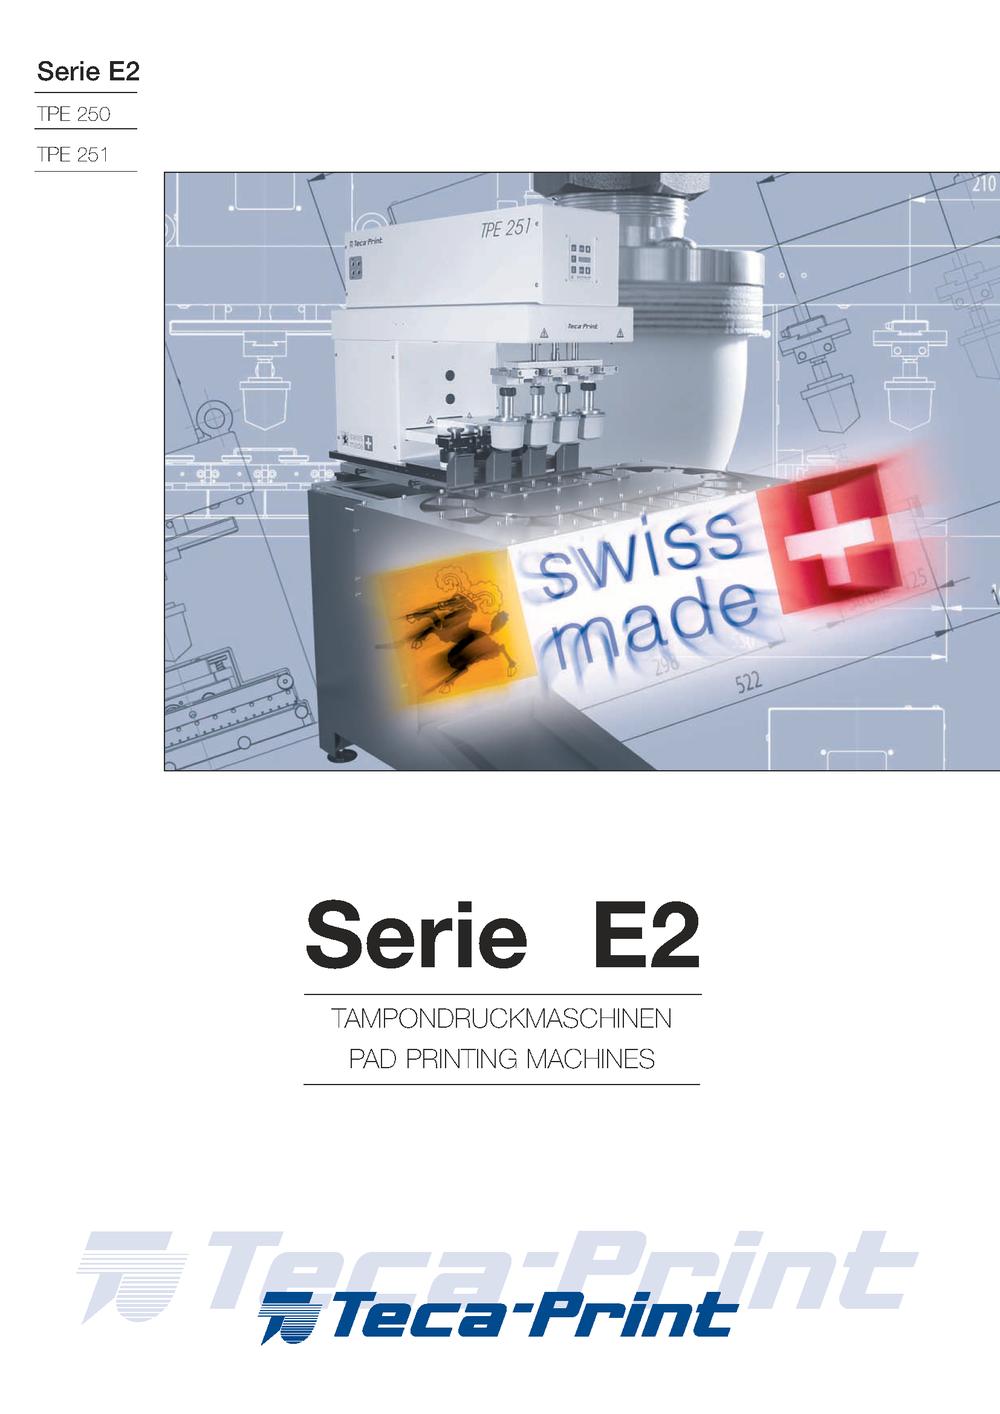 Series E2 Icon.png